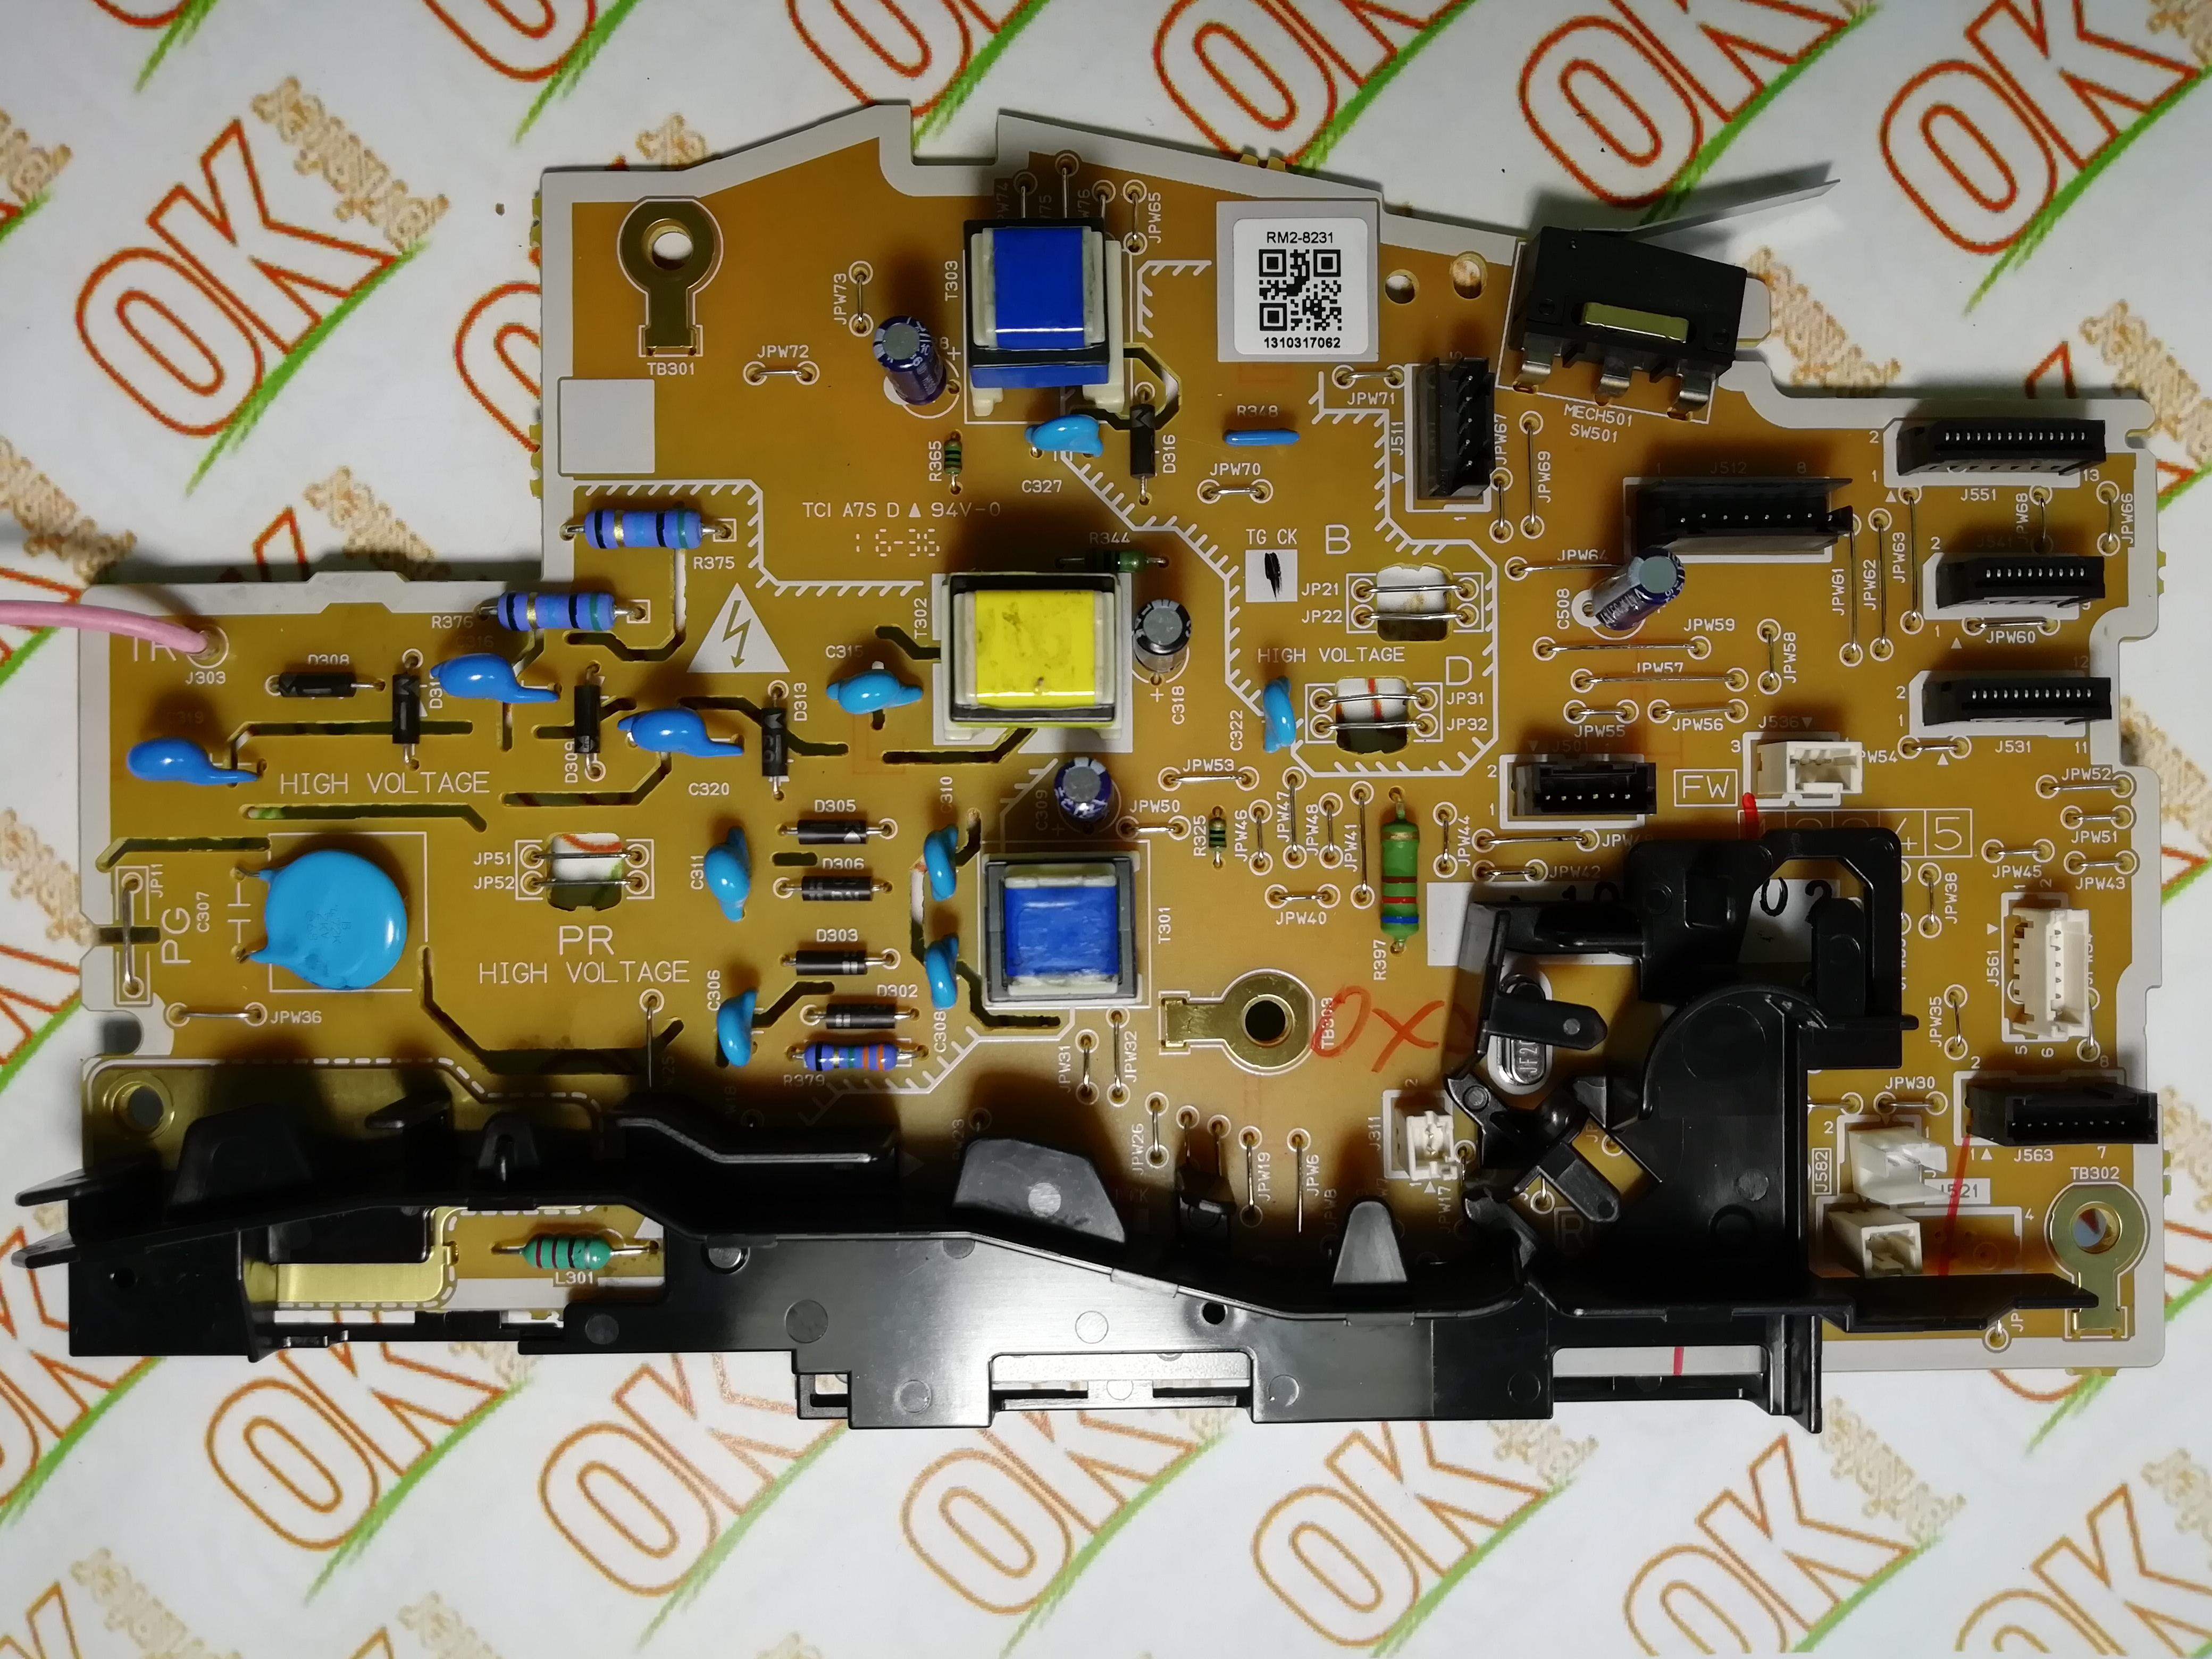 Фото товараПлата живлення / DC контролера HP LJ Pro M102a, M130a RM2-8231, RK2-7575